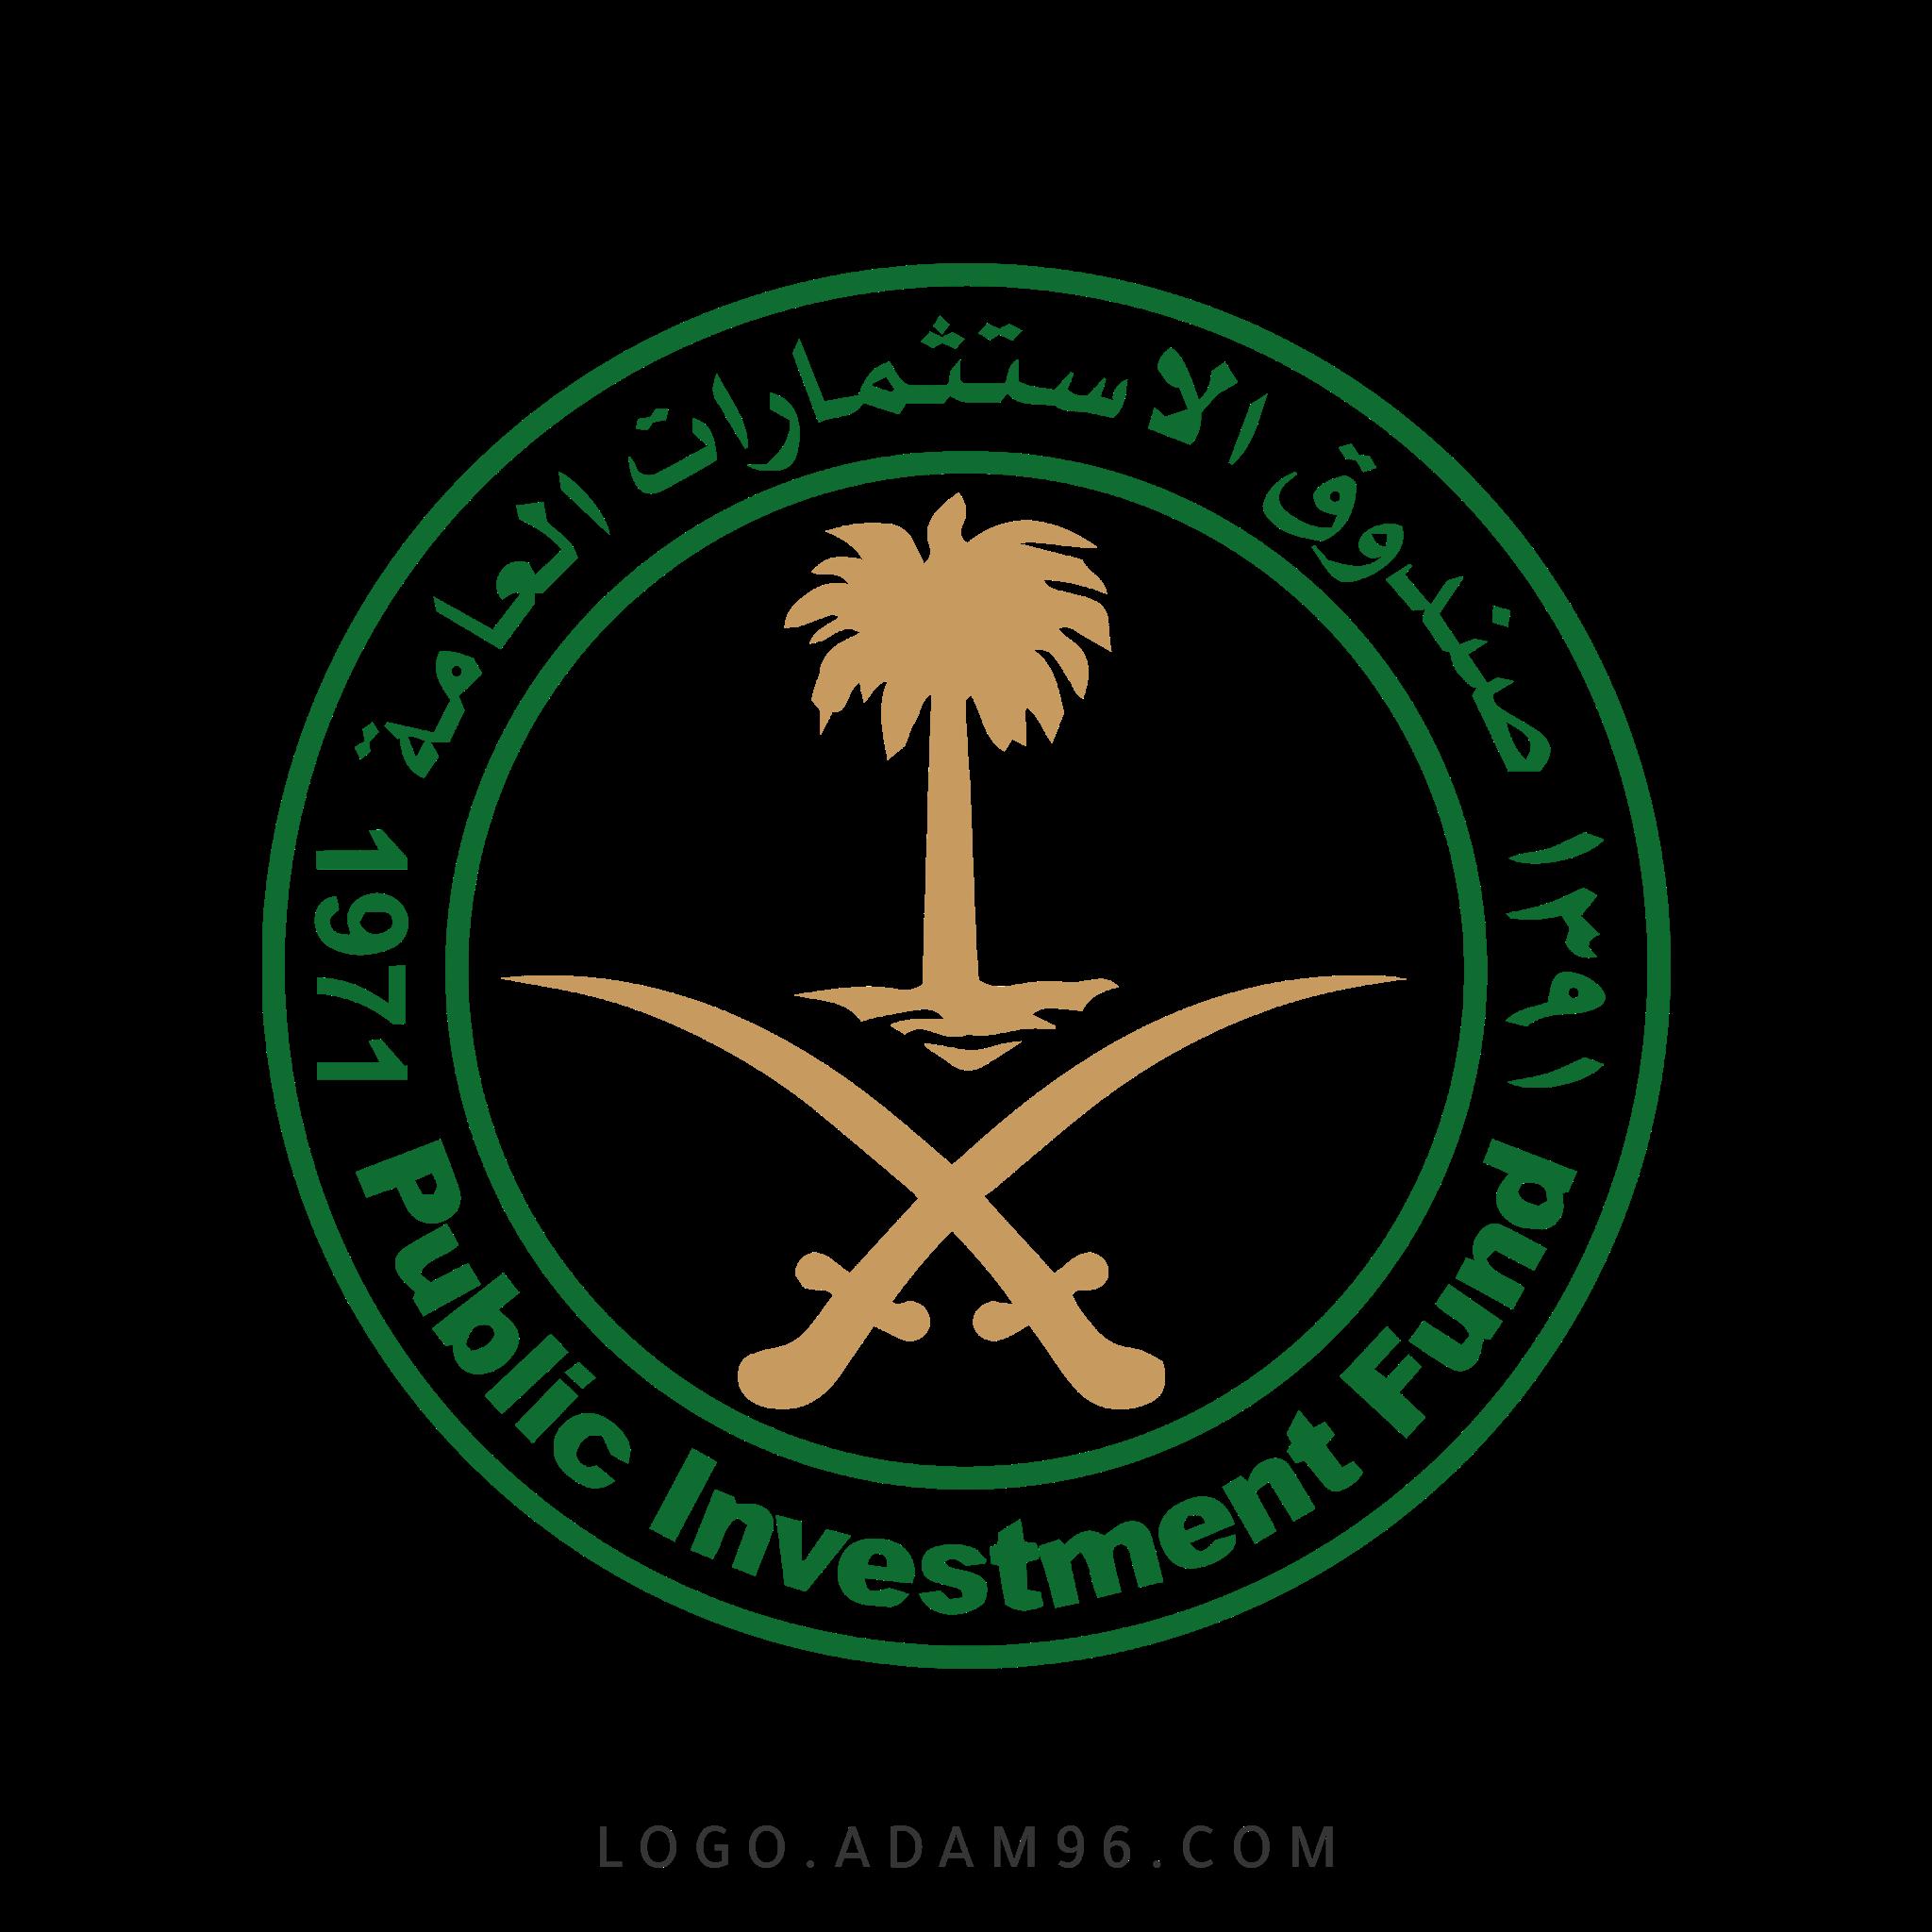 تحميل شعار صندوق الإستثمار العام السعودية لوجو عالي الجودة بصيغة PNG